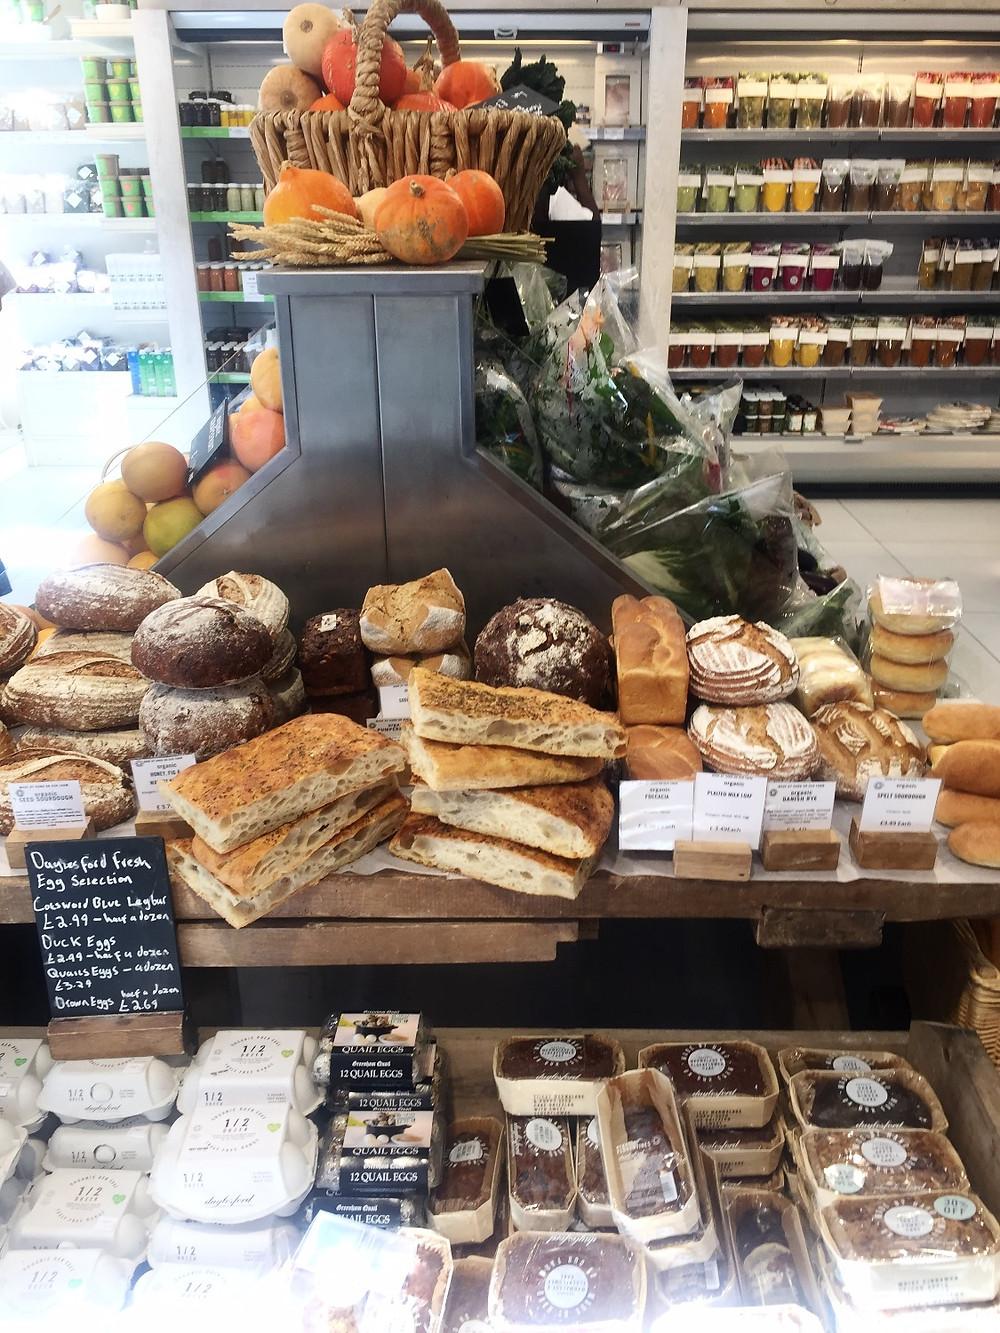 Daylesford bread